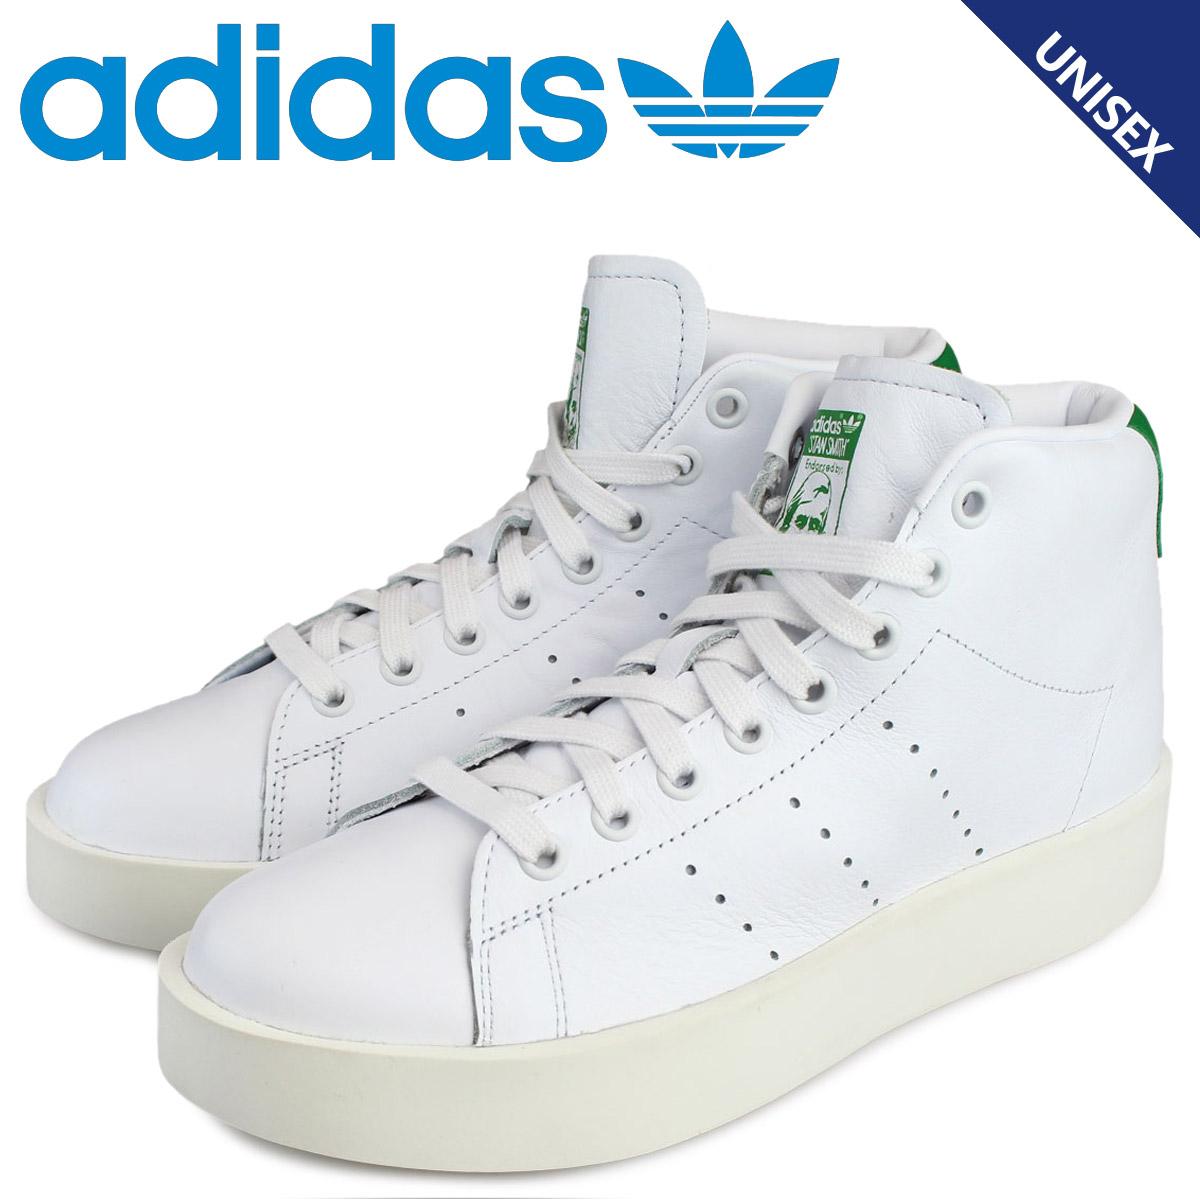 生まれのブランドで adidas Originals スタンスミス アディダス ホワイト スニーカー アディダス STAN Originals SMITH レディース メンズ BY9663 靴 ホワイト, ソレイユ:e247dae9 --- clftranspo.dominiotemporario.com